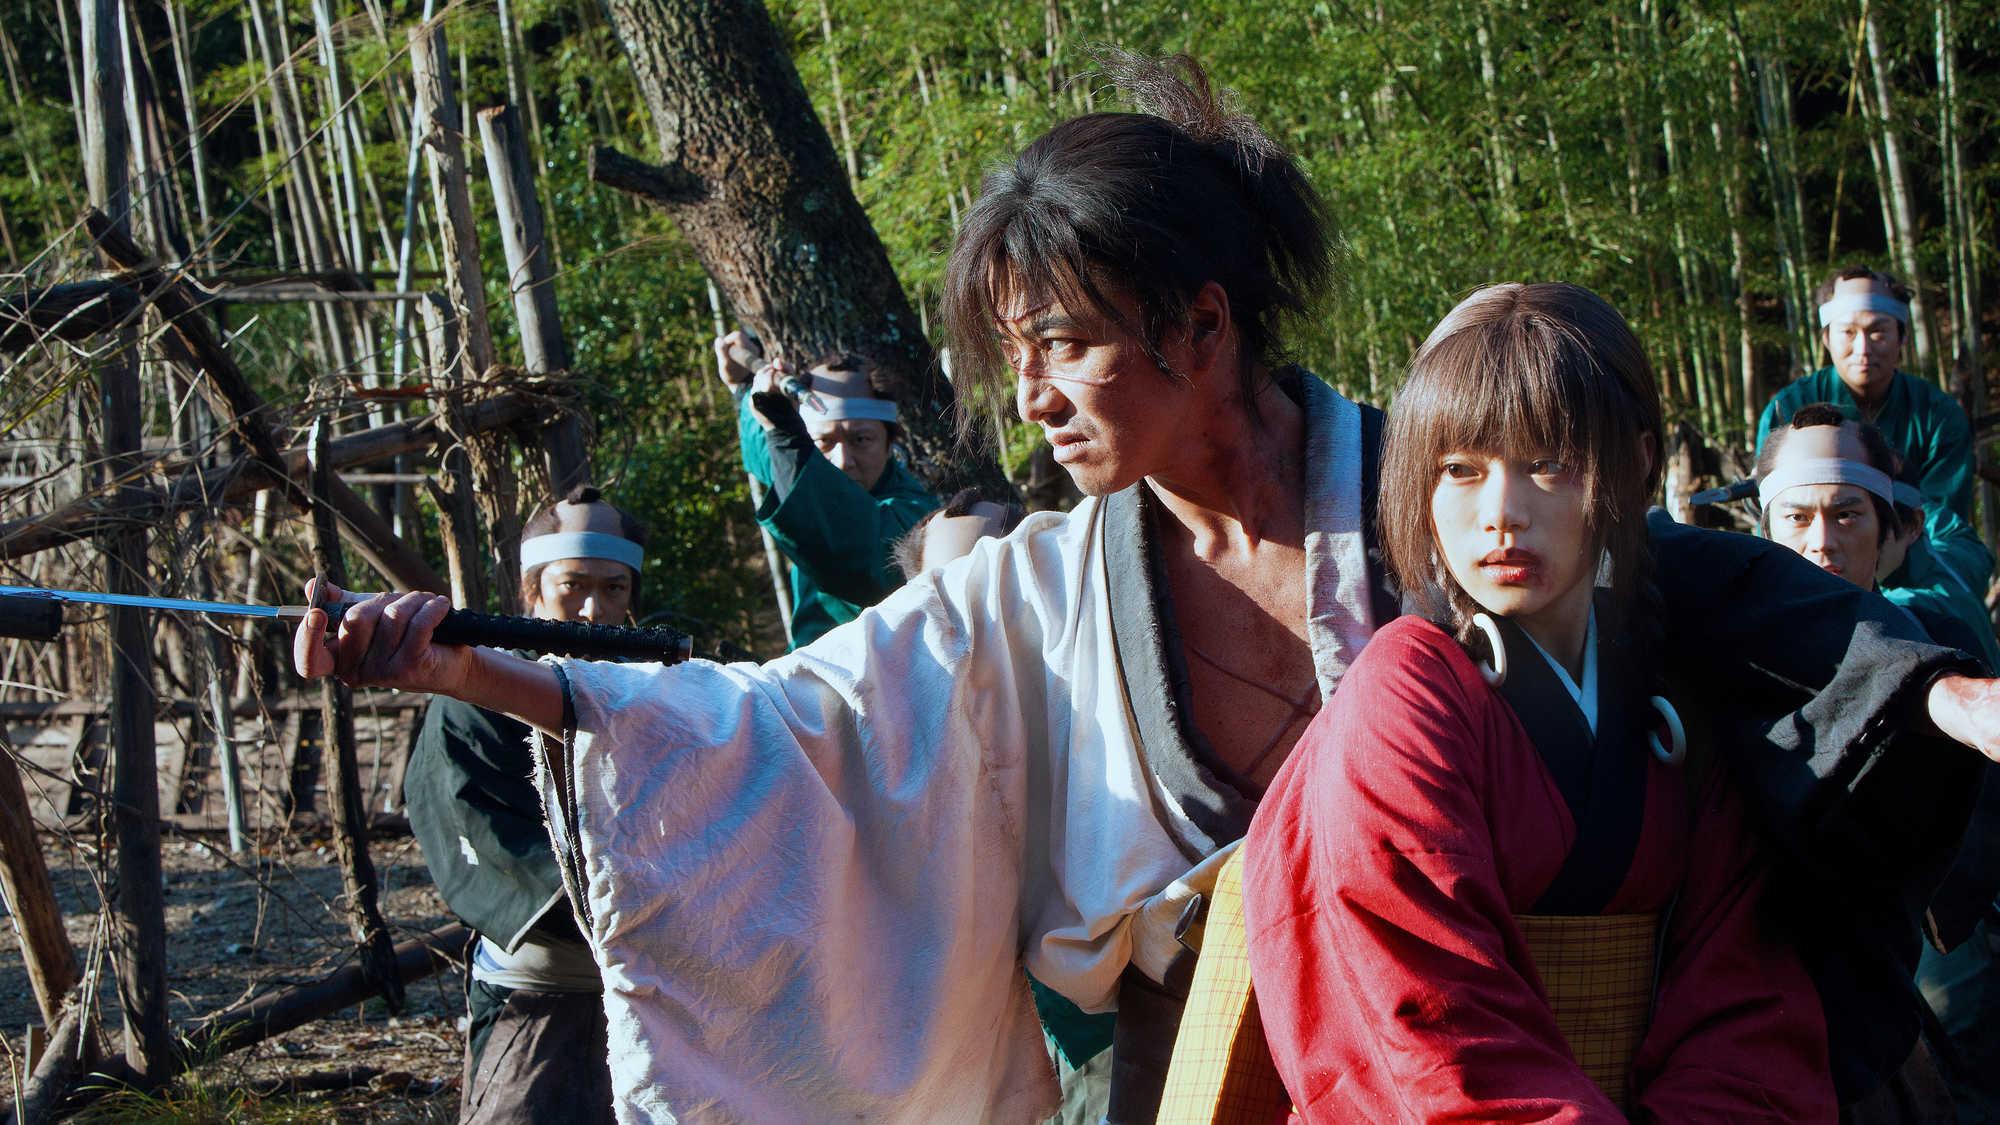 Ölümsüz Bir Samurayın Bol Kanlı Hikayesi: Blade Of The Immortal